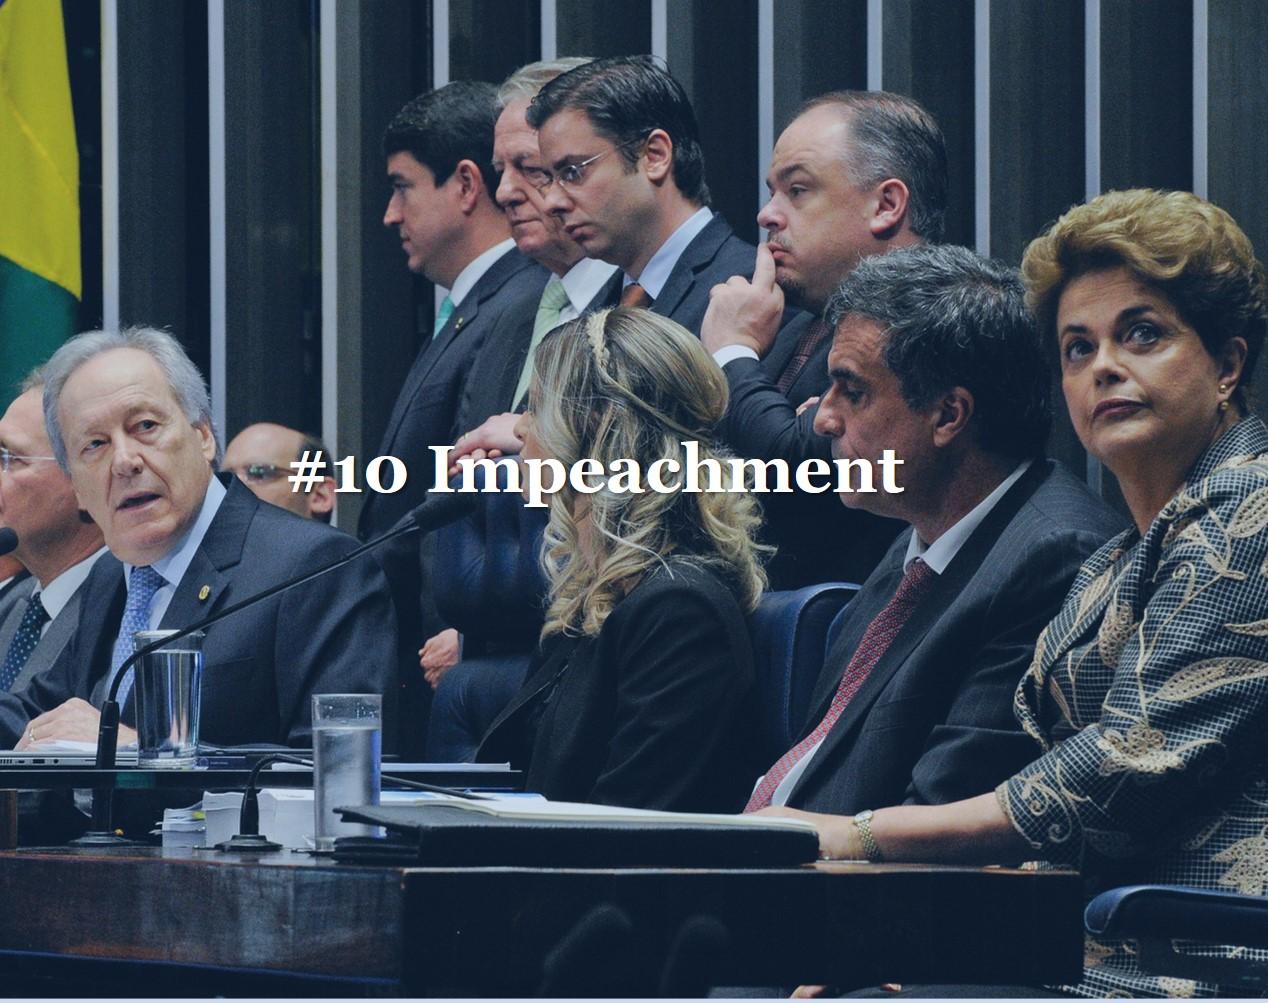 #10 Impeachment